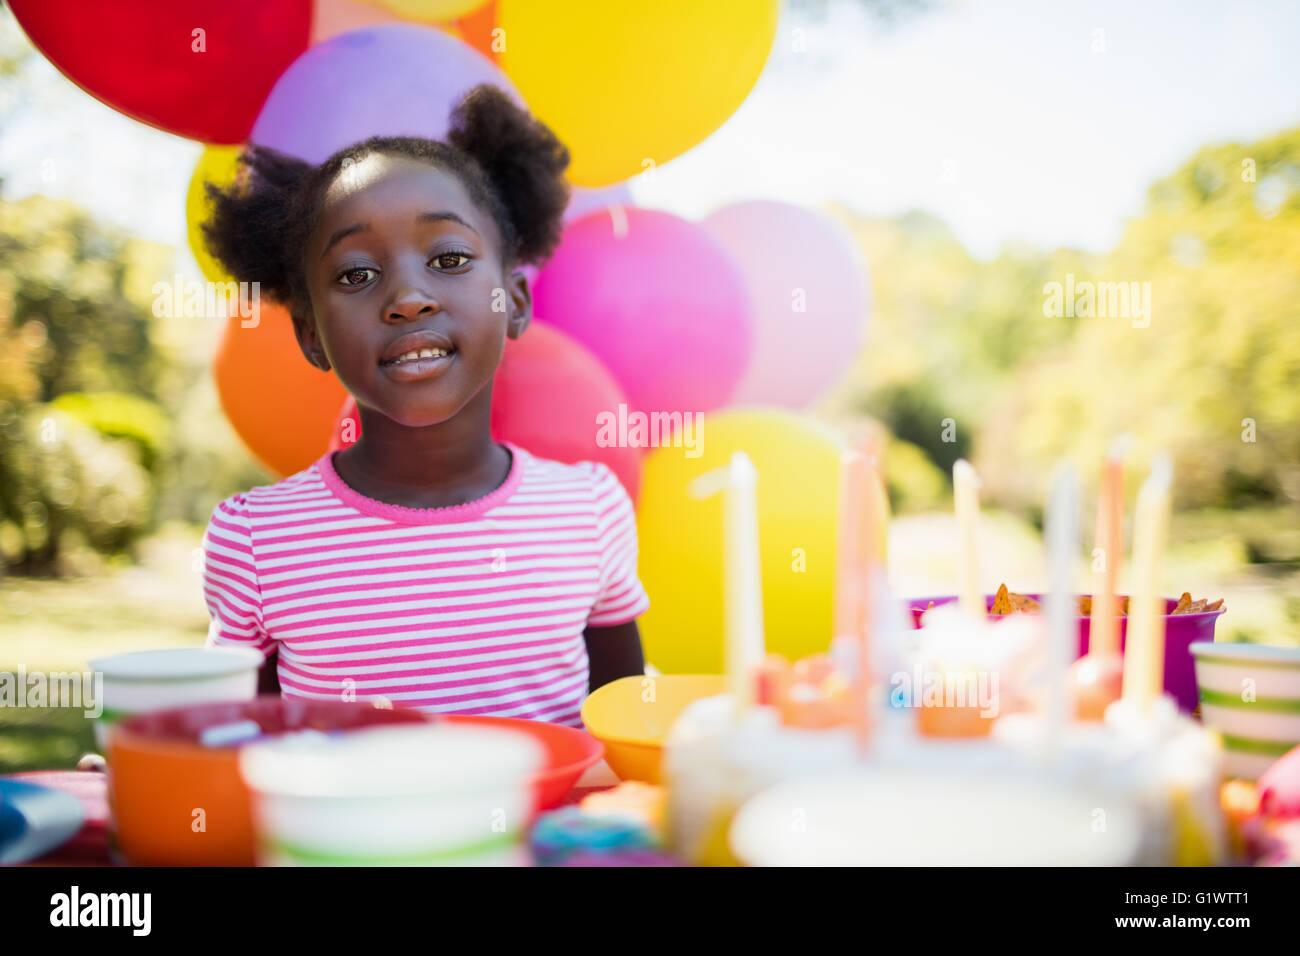 Ritratto di Cute girl in posa durante una festa di compleanno Immagini Stock